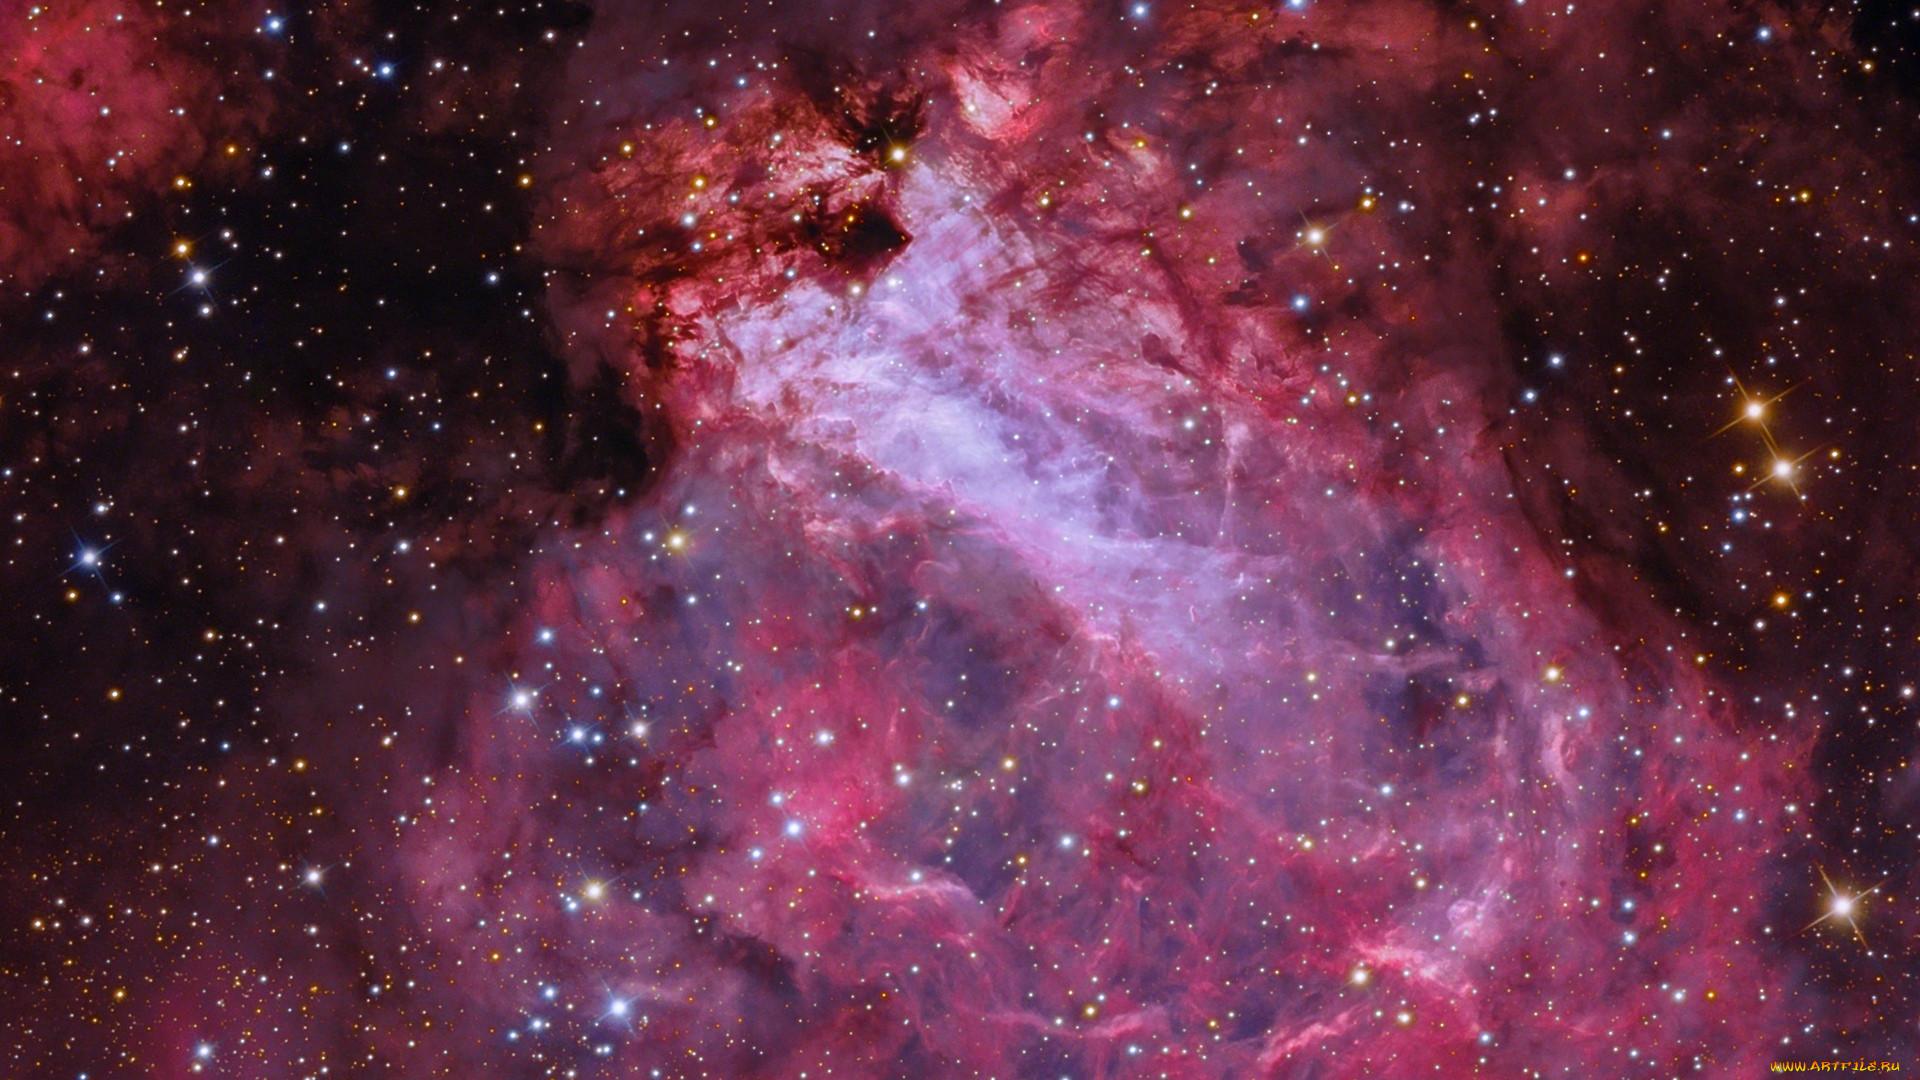 космос, галактики, туманности, туманность, омега